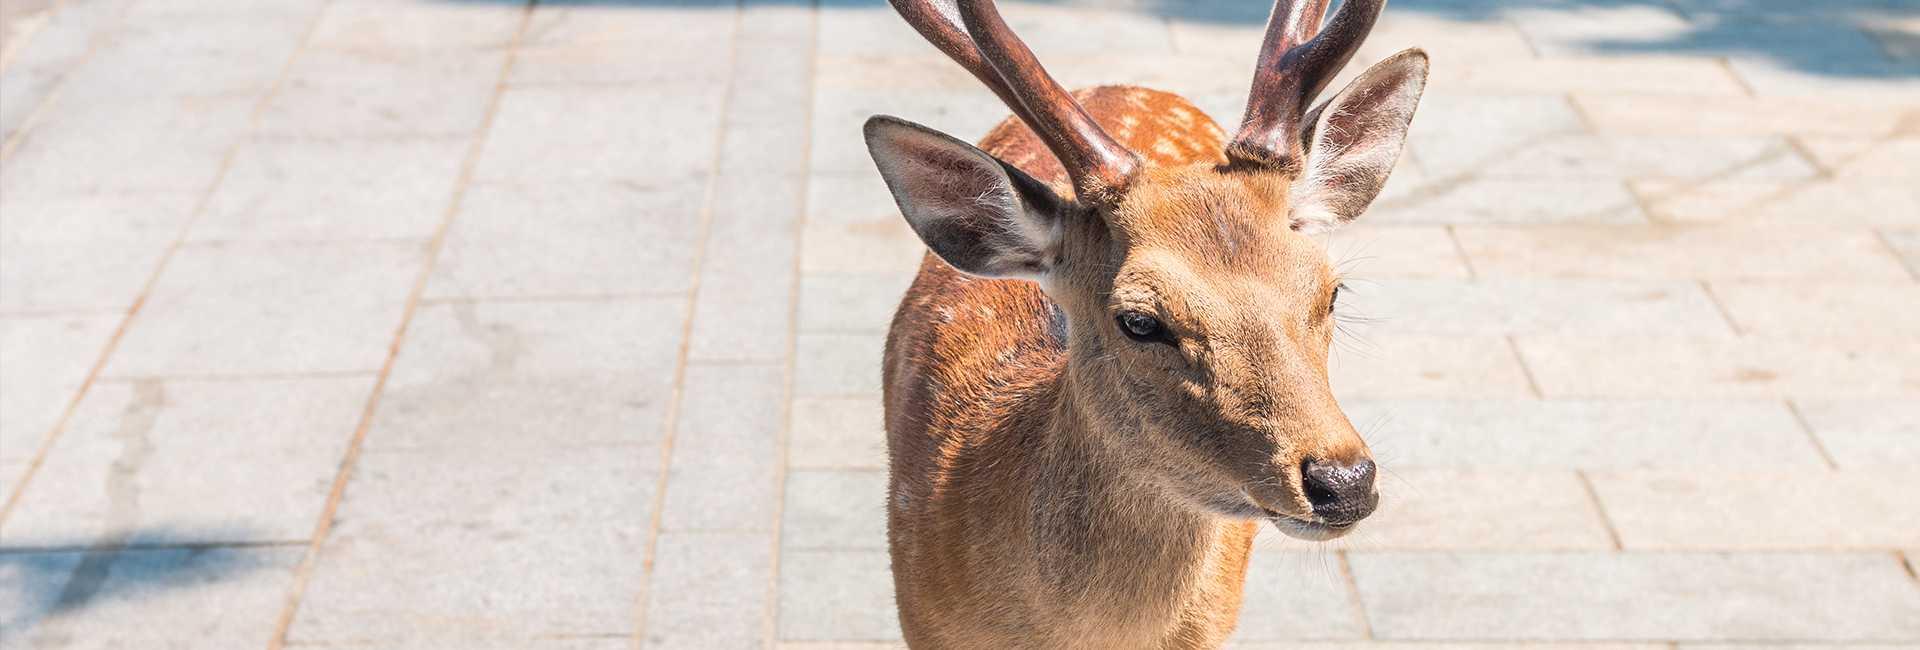 cervo a Nara